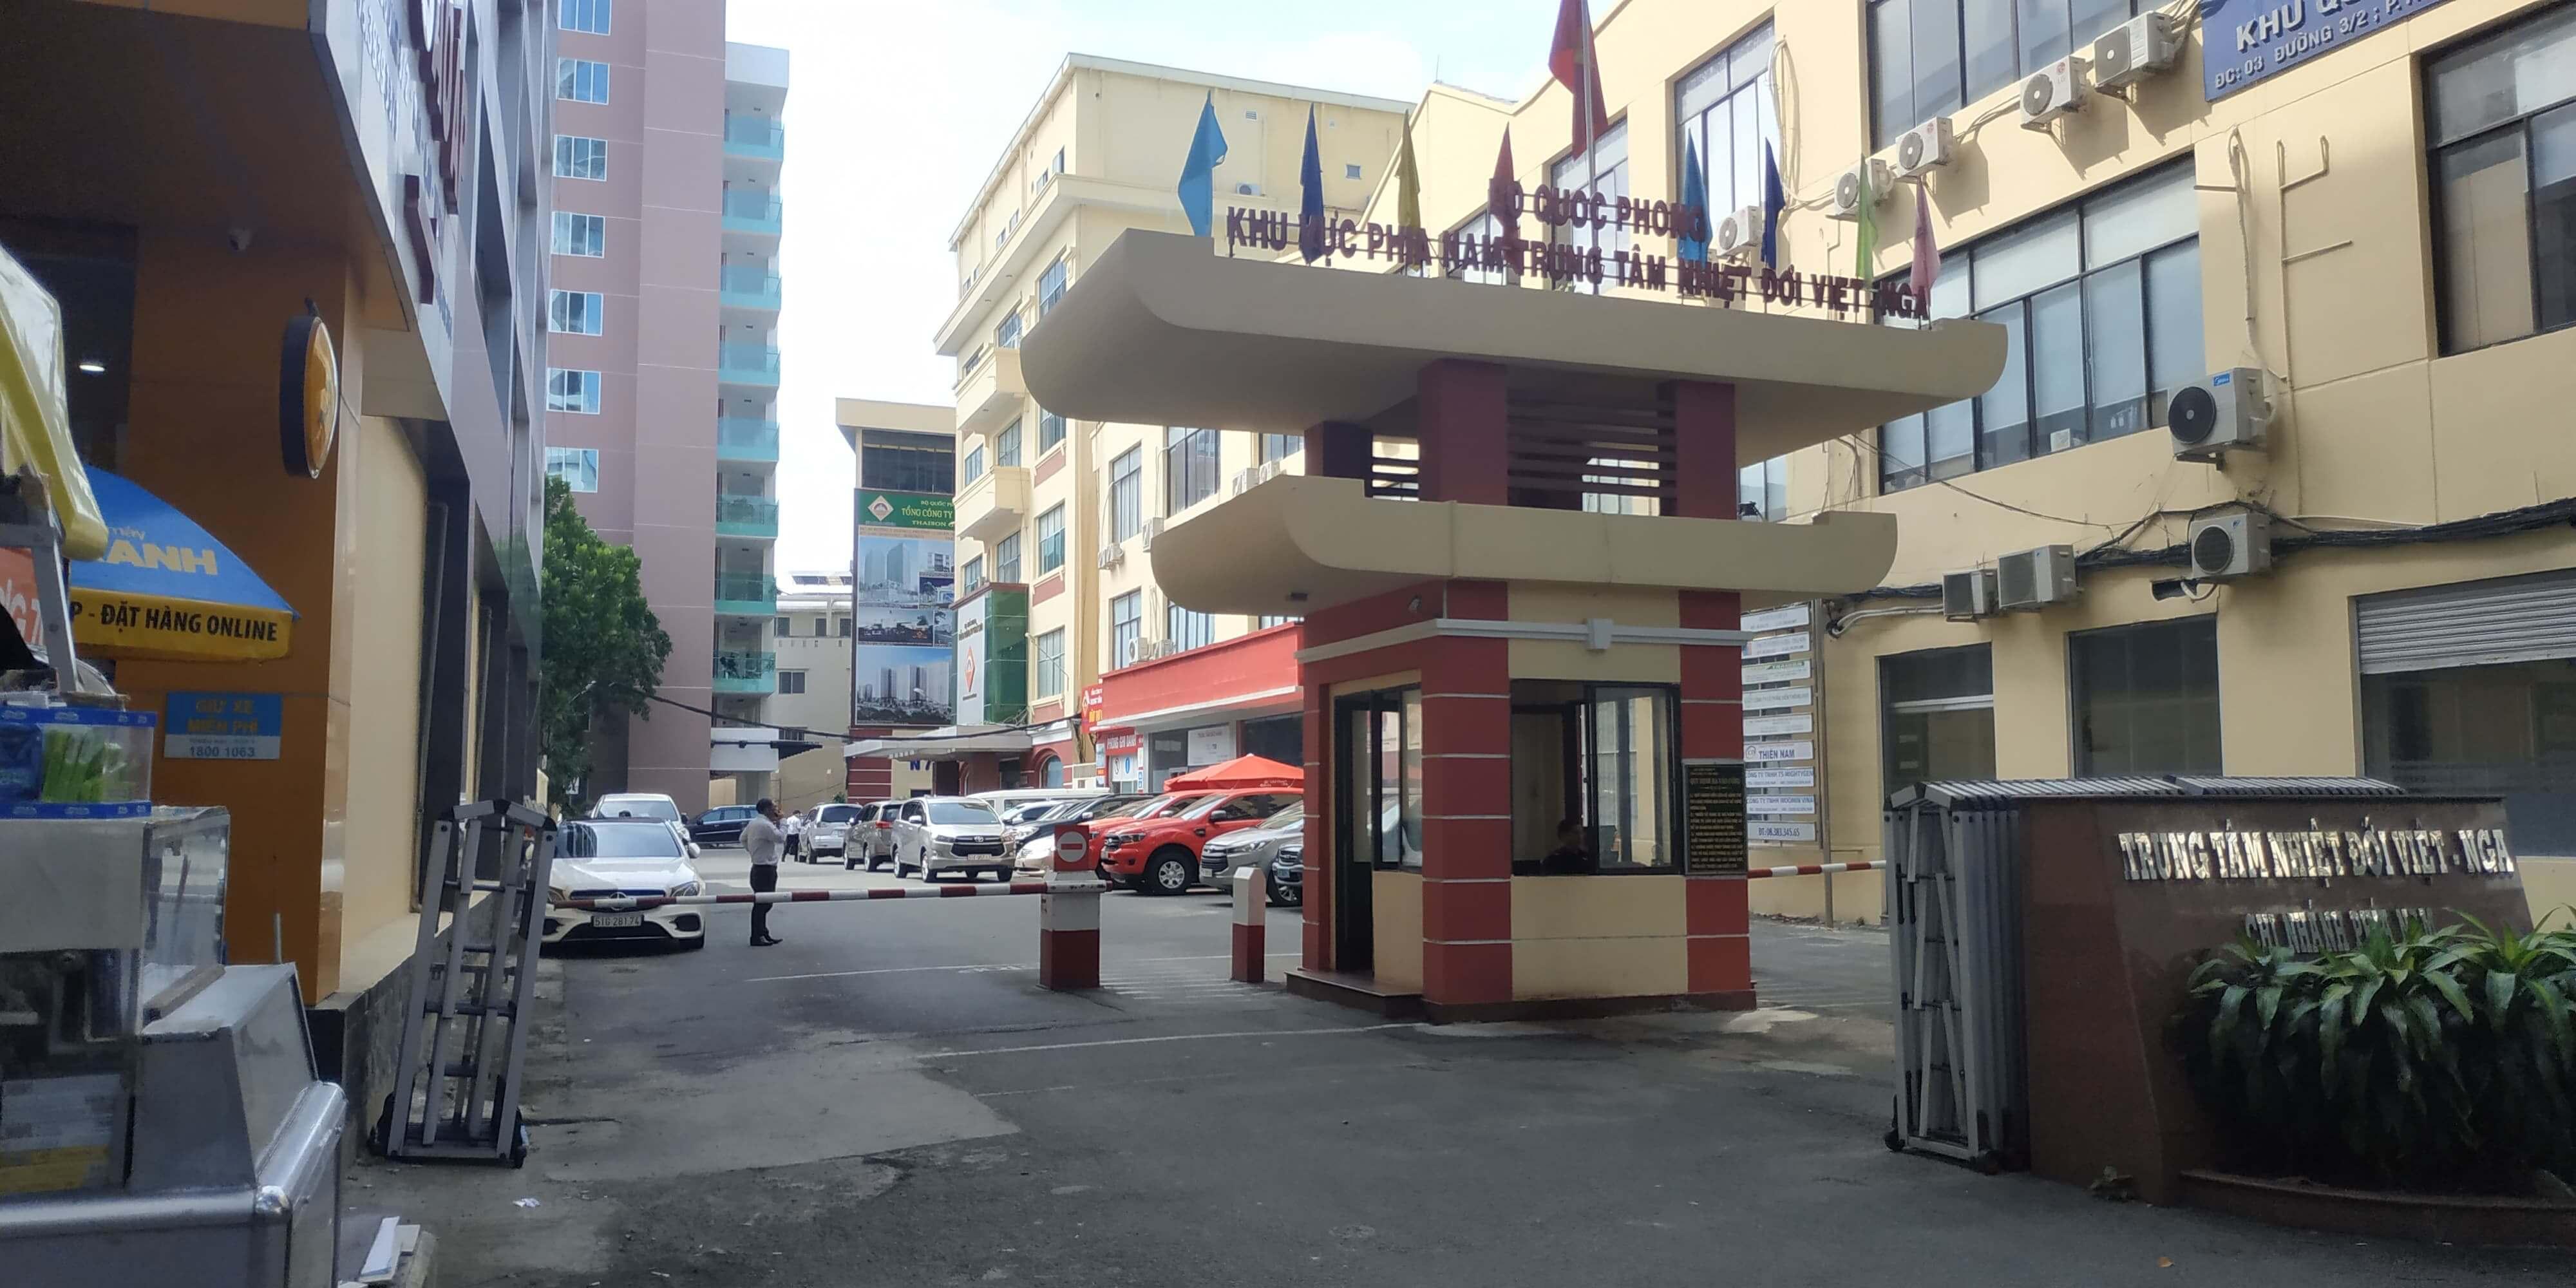 Văn phòng tuyển sinh Trường Dạy Lái Xe Thái Sơn - Bộ Quốc Phòng